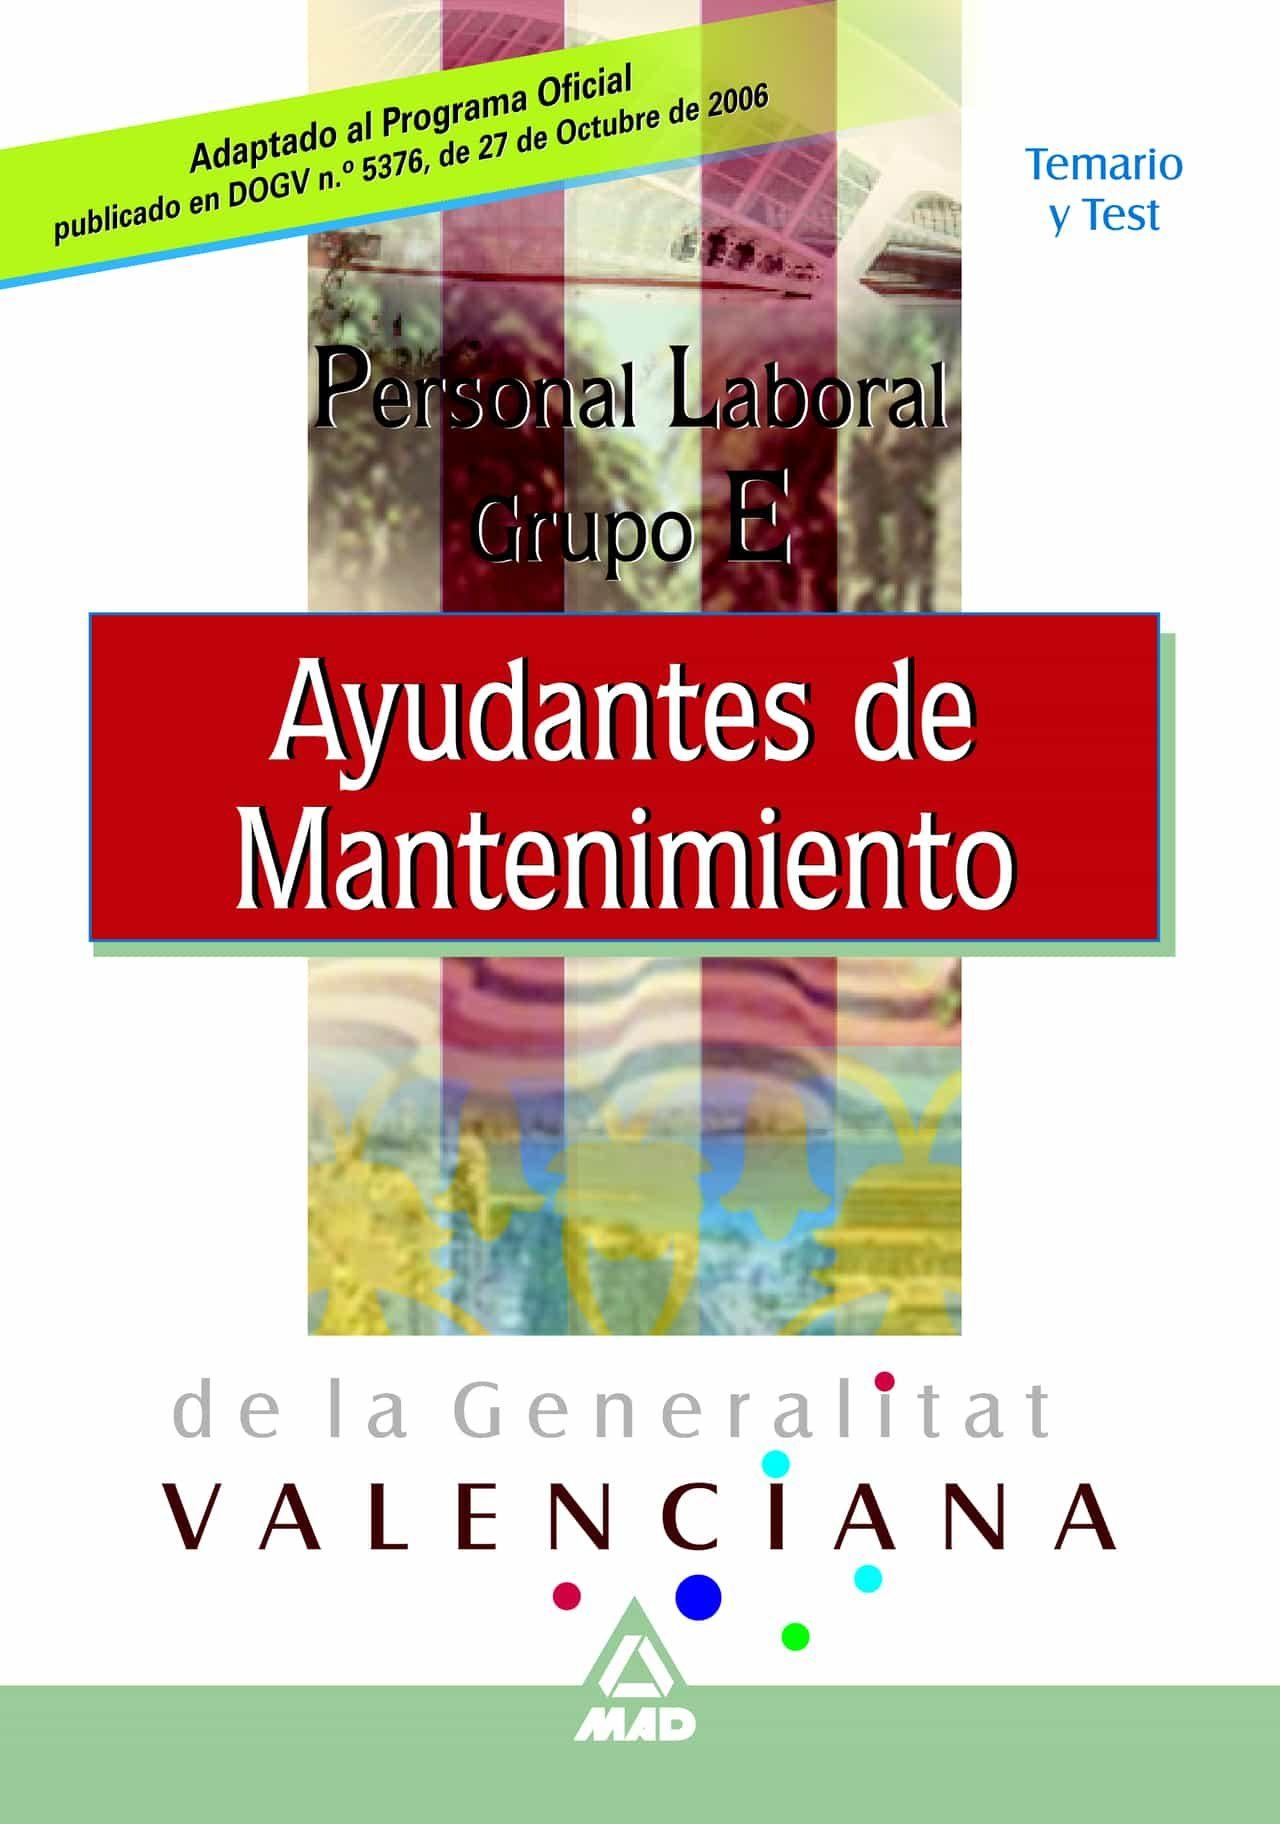 Personal Laboral De La Generalitat Valenciana. Ayudante De Manten Imie - Vv.aa.